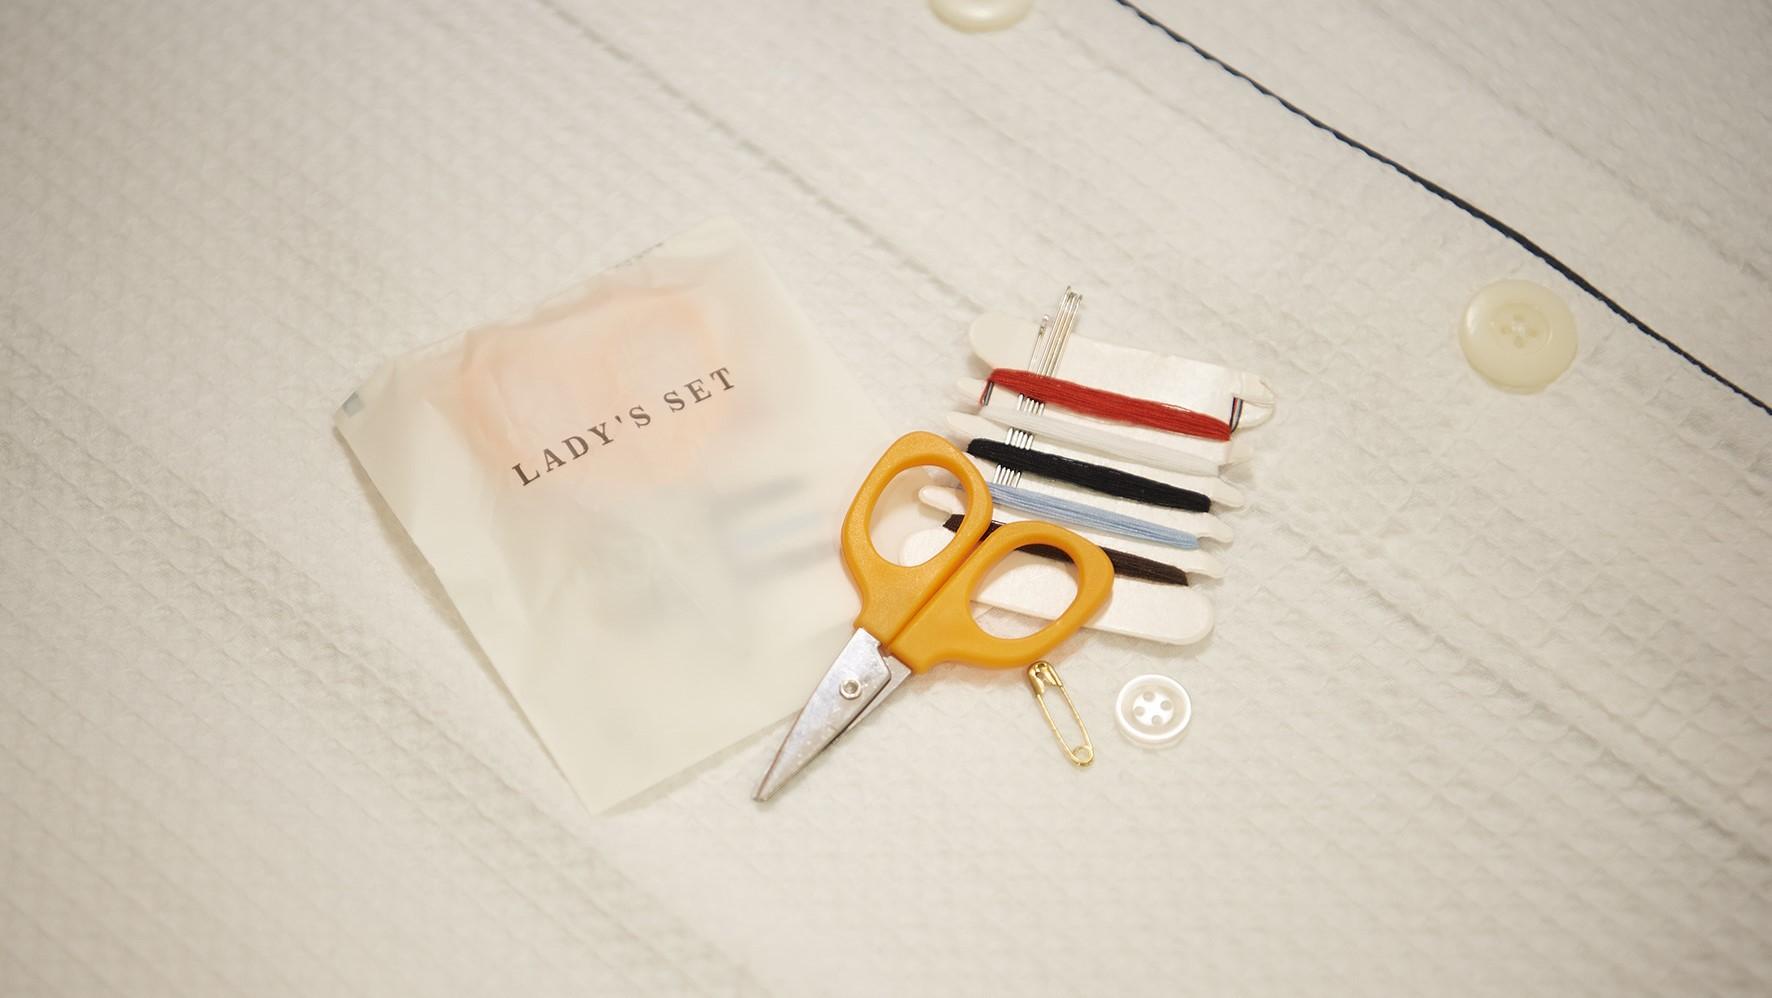 ソーイングセット/Sewing tools